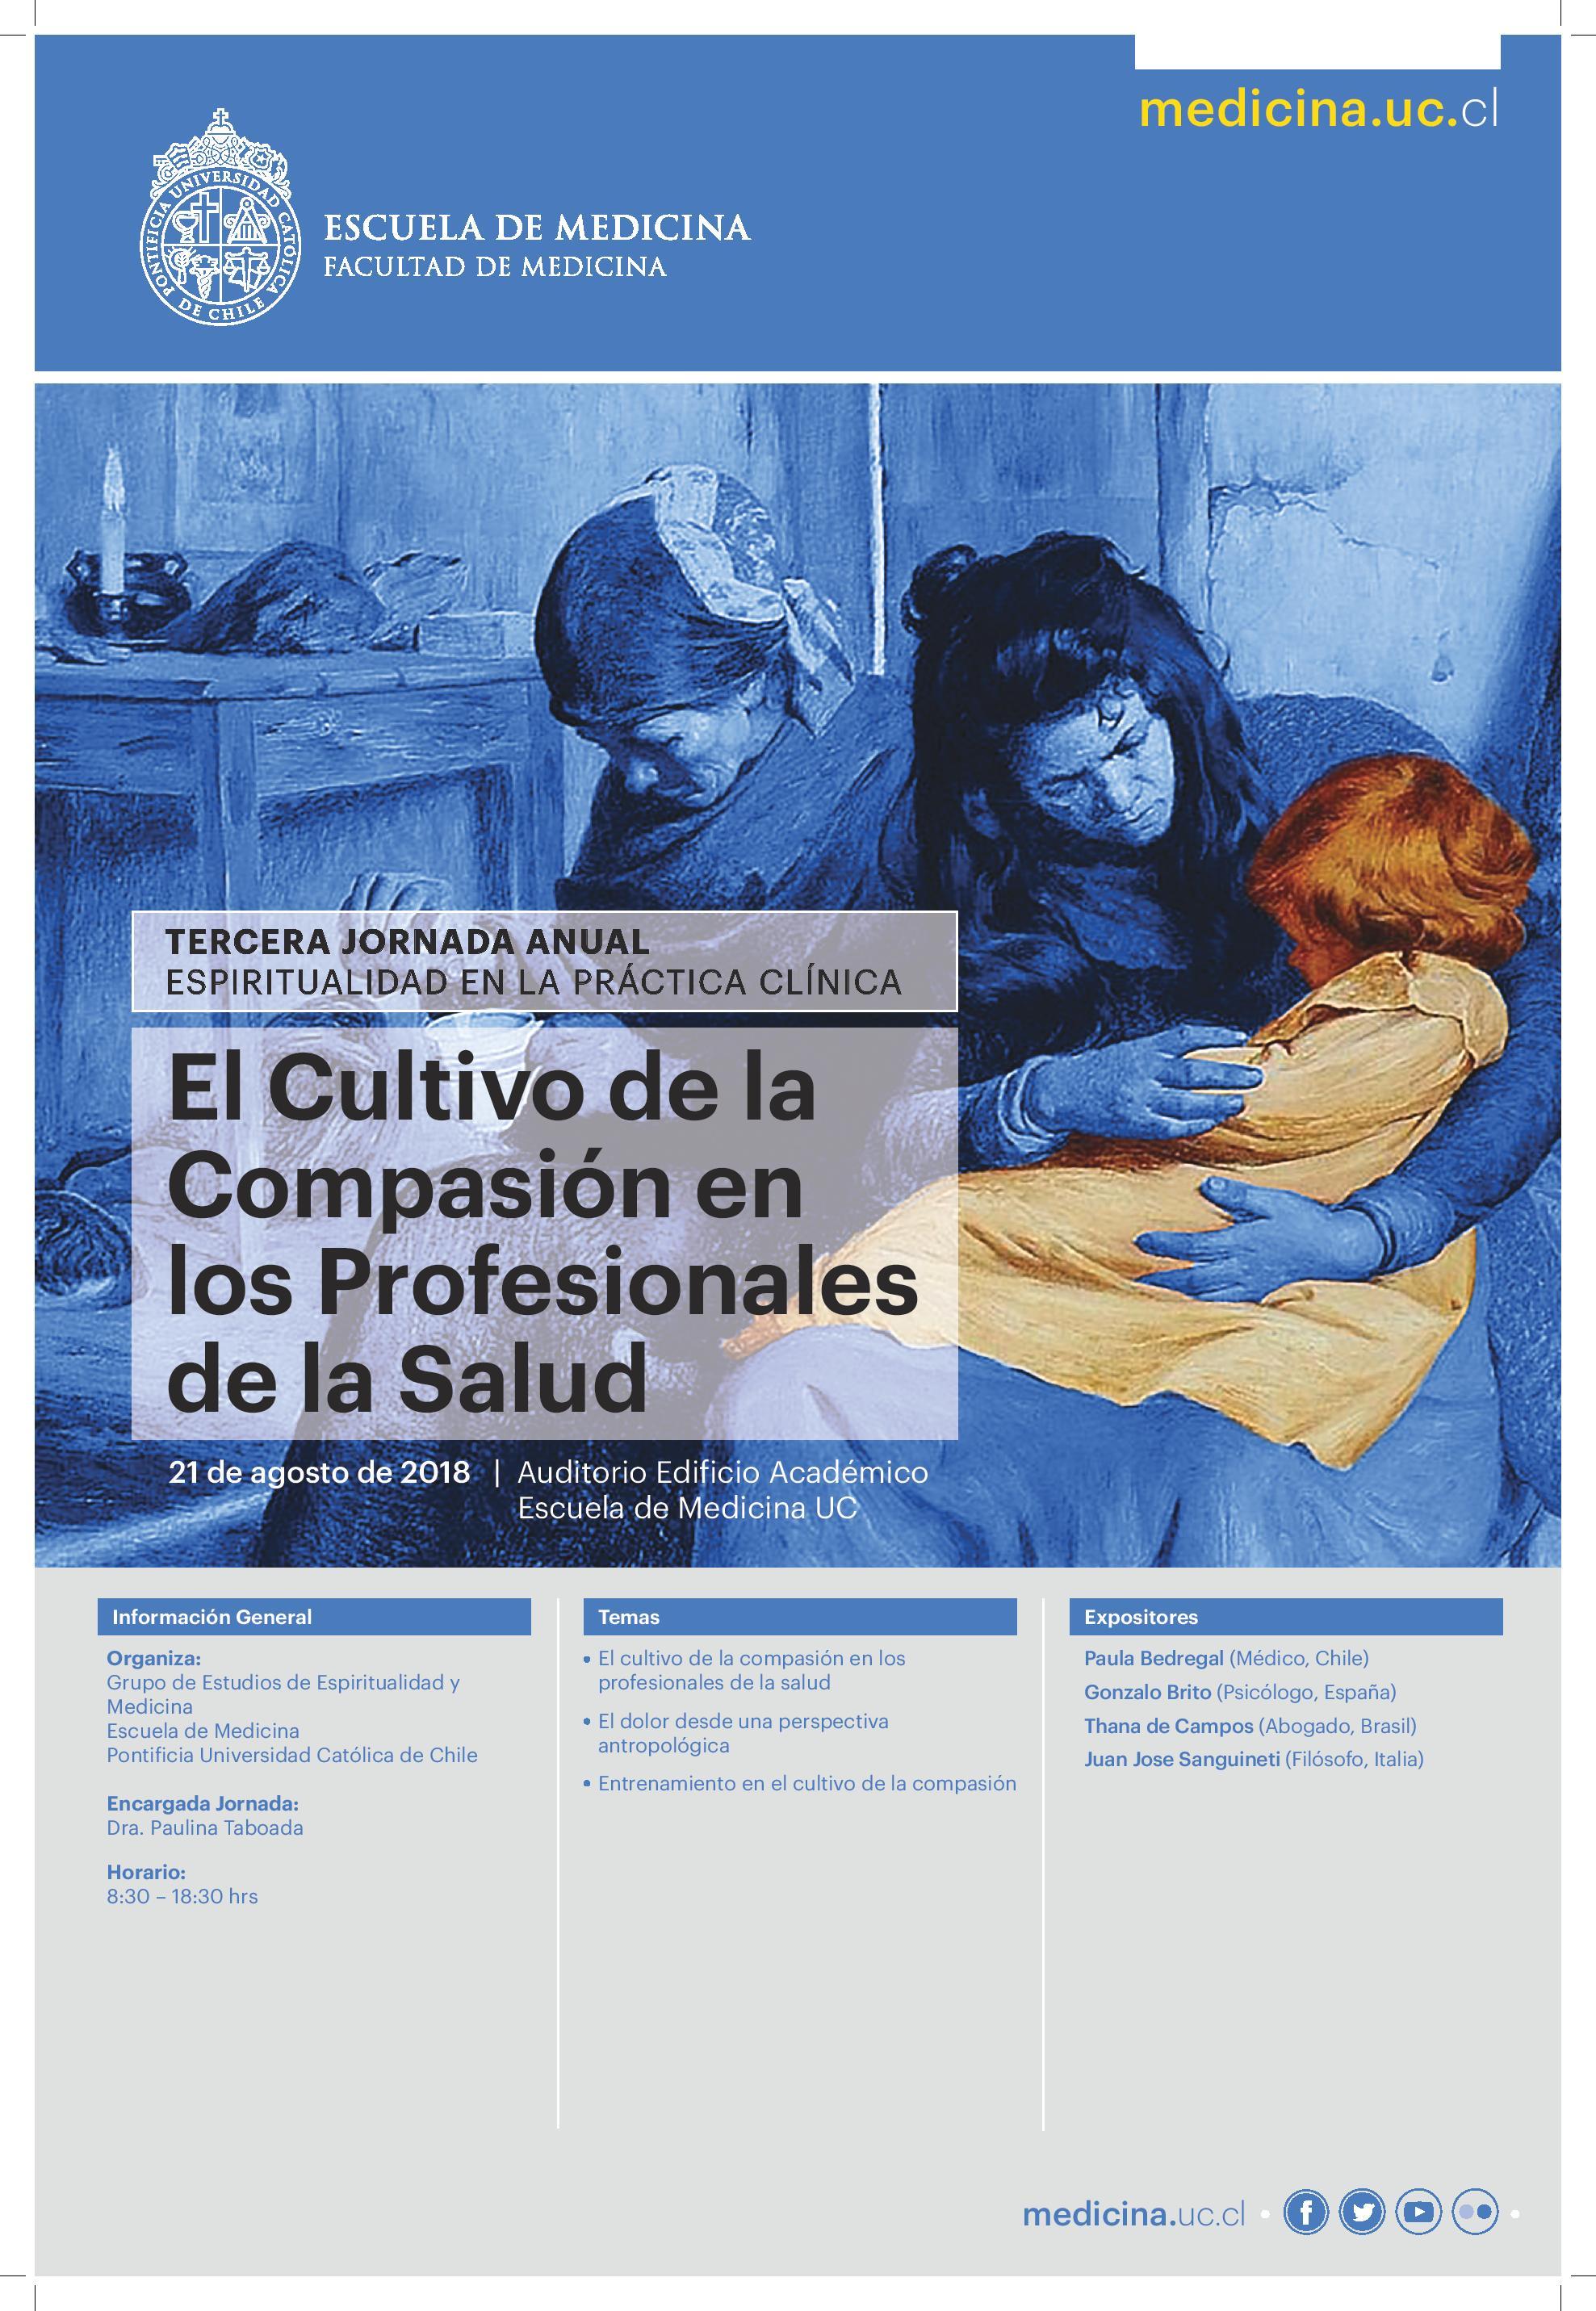 Santiago - Espiritualidad en la Práctica Clínica @ Auditorio Edificio Académico, Escuela de Medicina UC